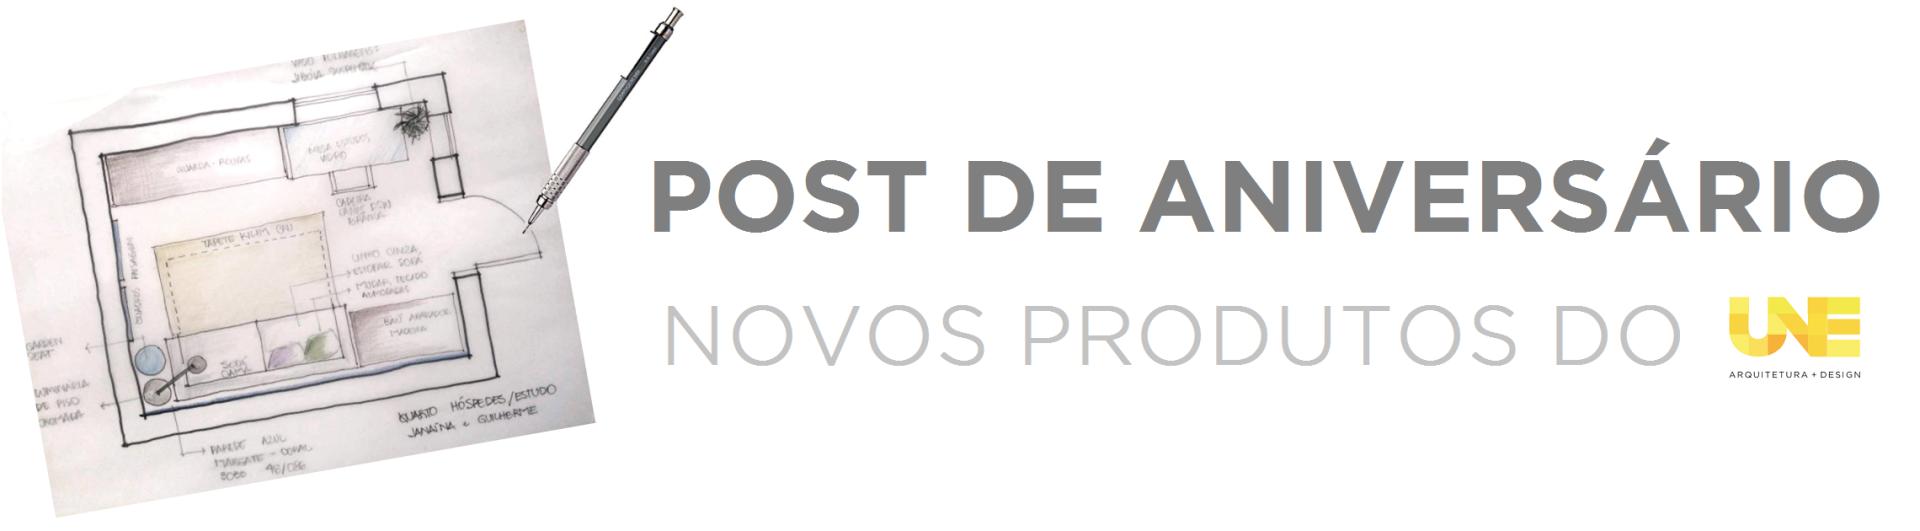 capa post 12-05